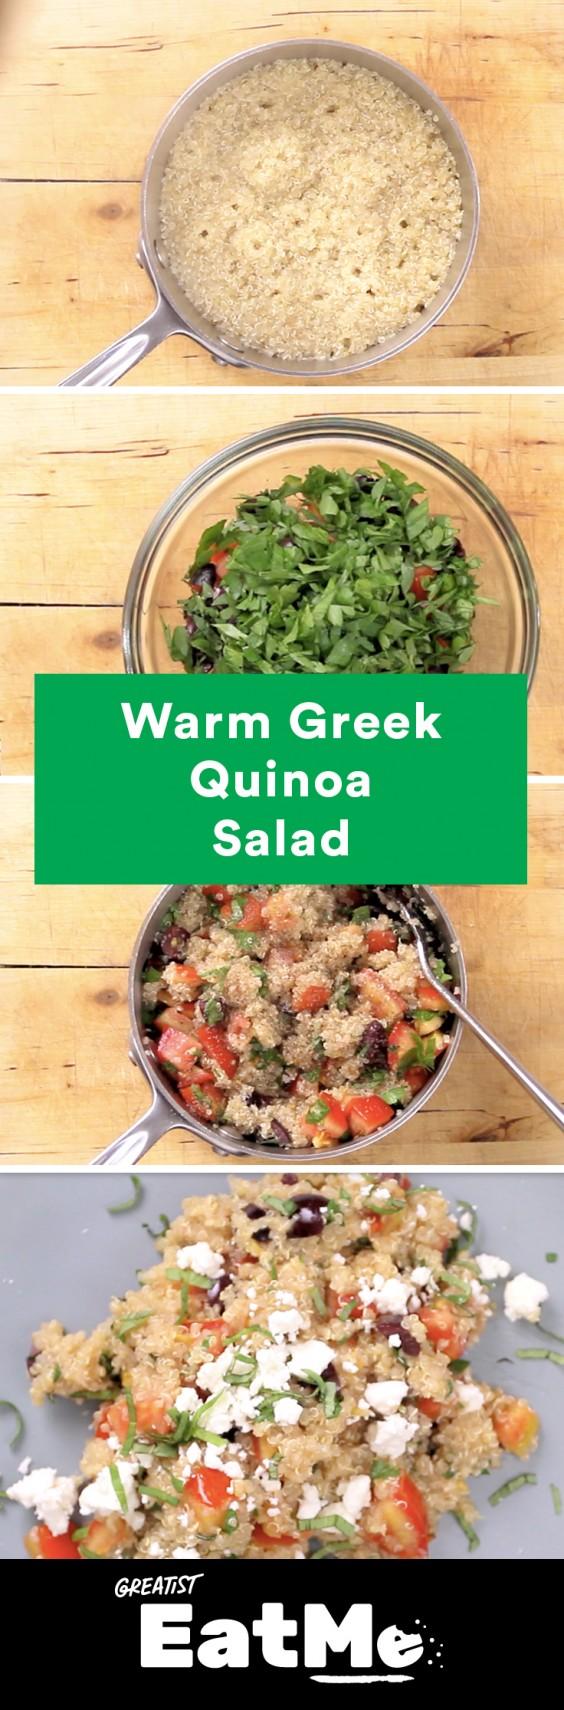 Eat Me Video: Greek Quinoa